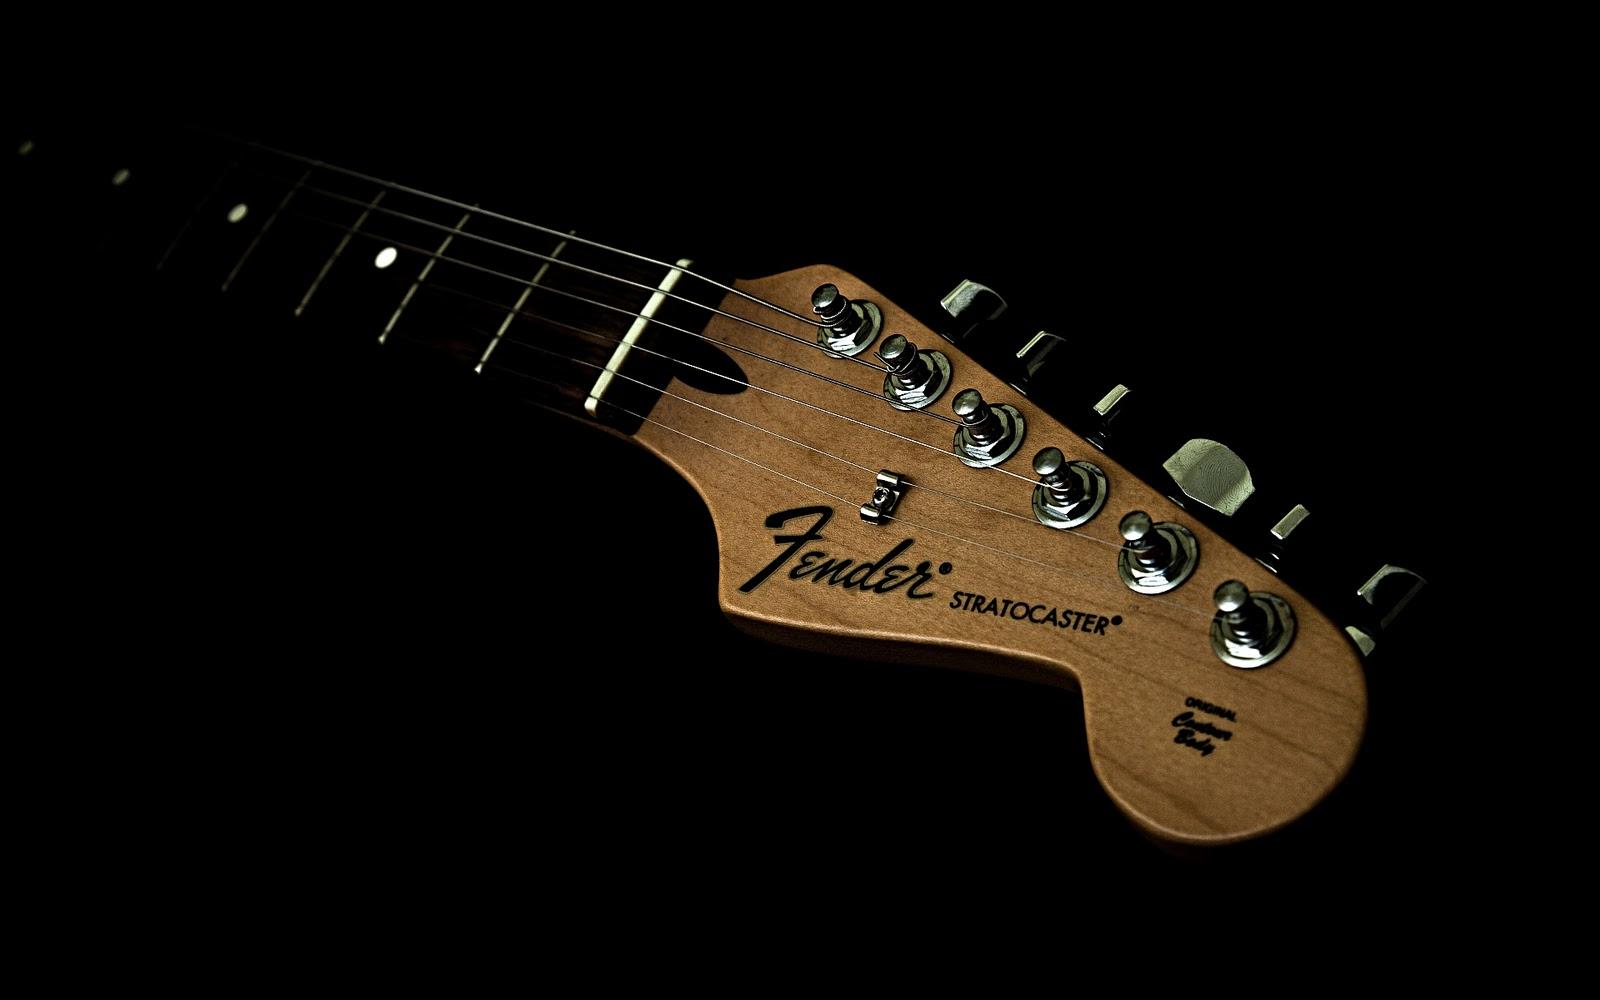 Hd wallpaper guitar - Guitar Wallpapers For Desktop 3185 Hd Wallpapers In Music Imagesci